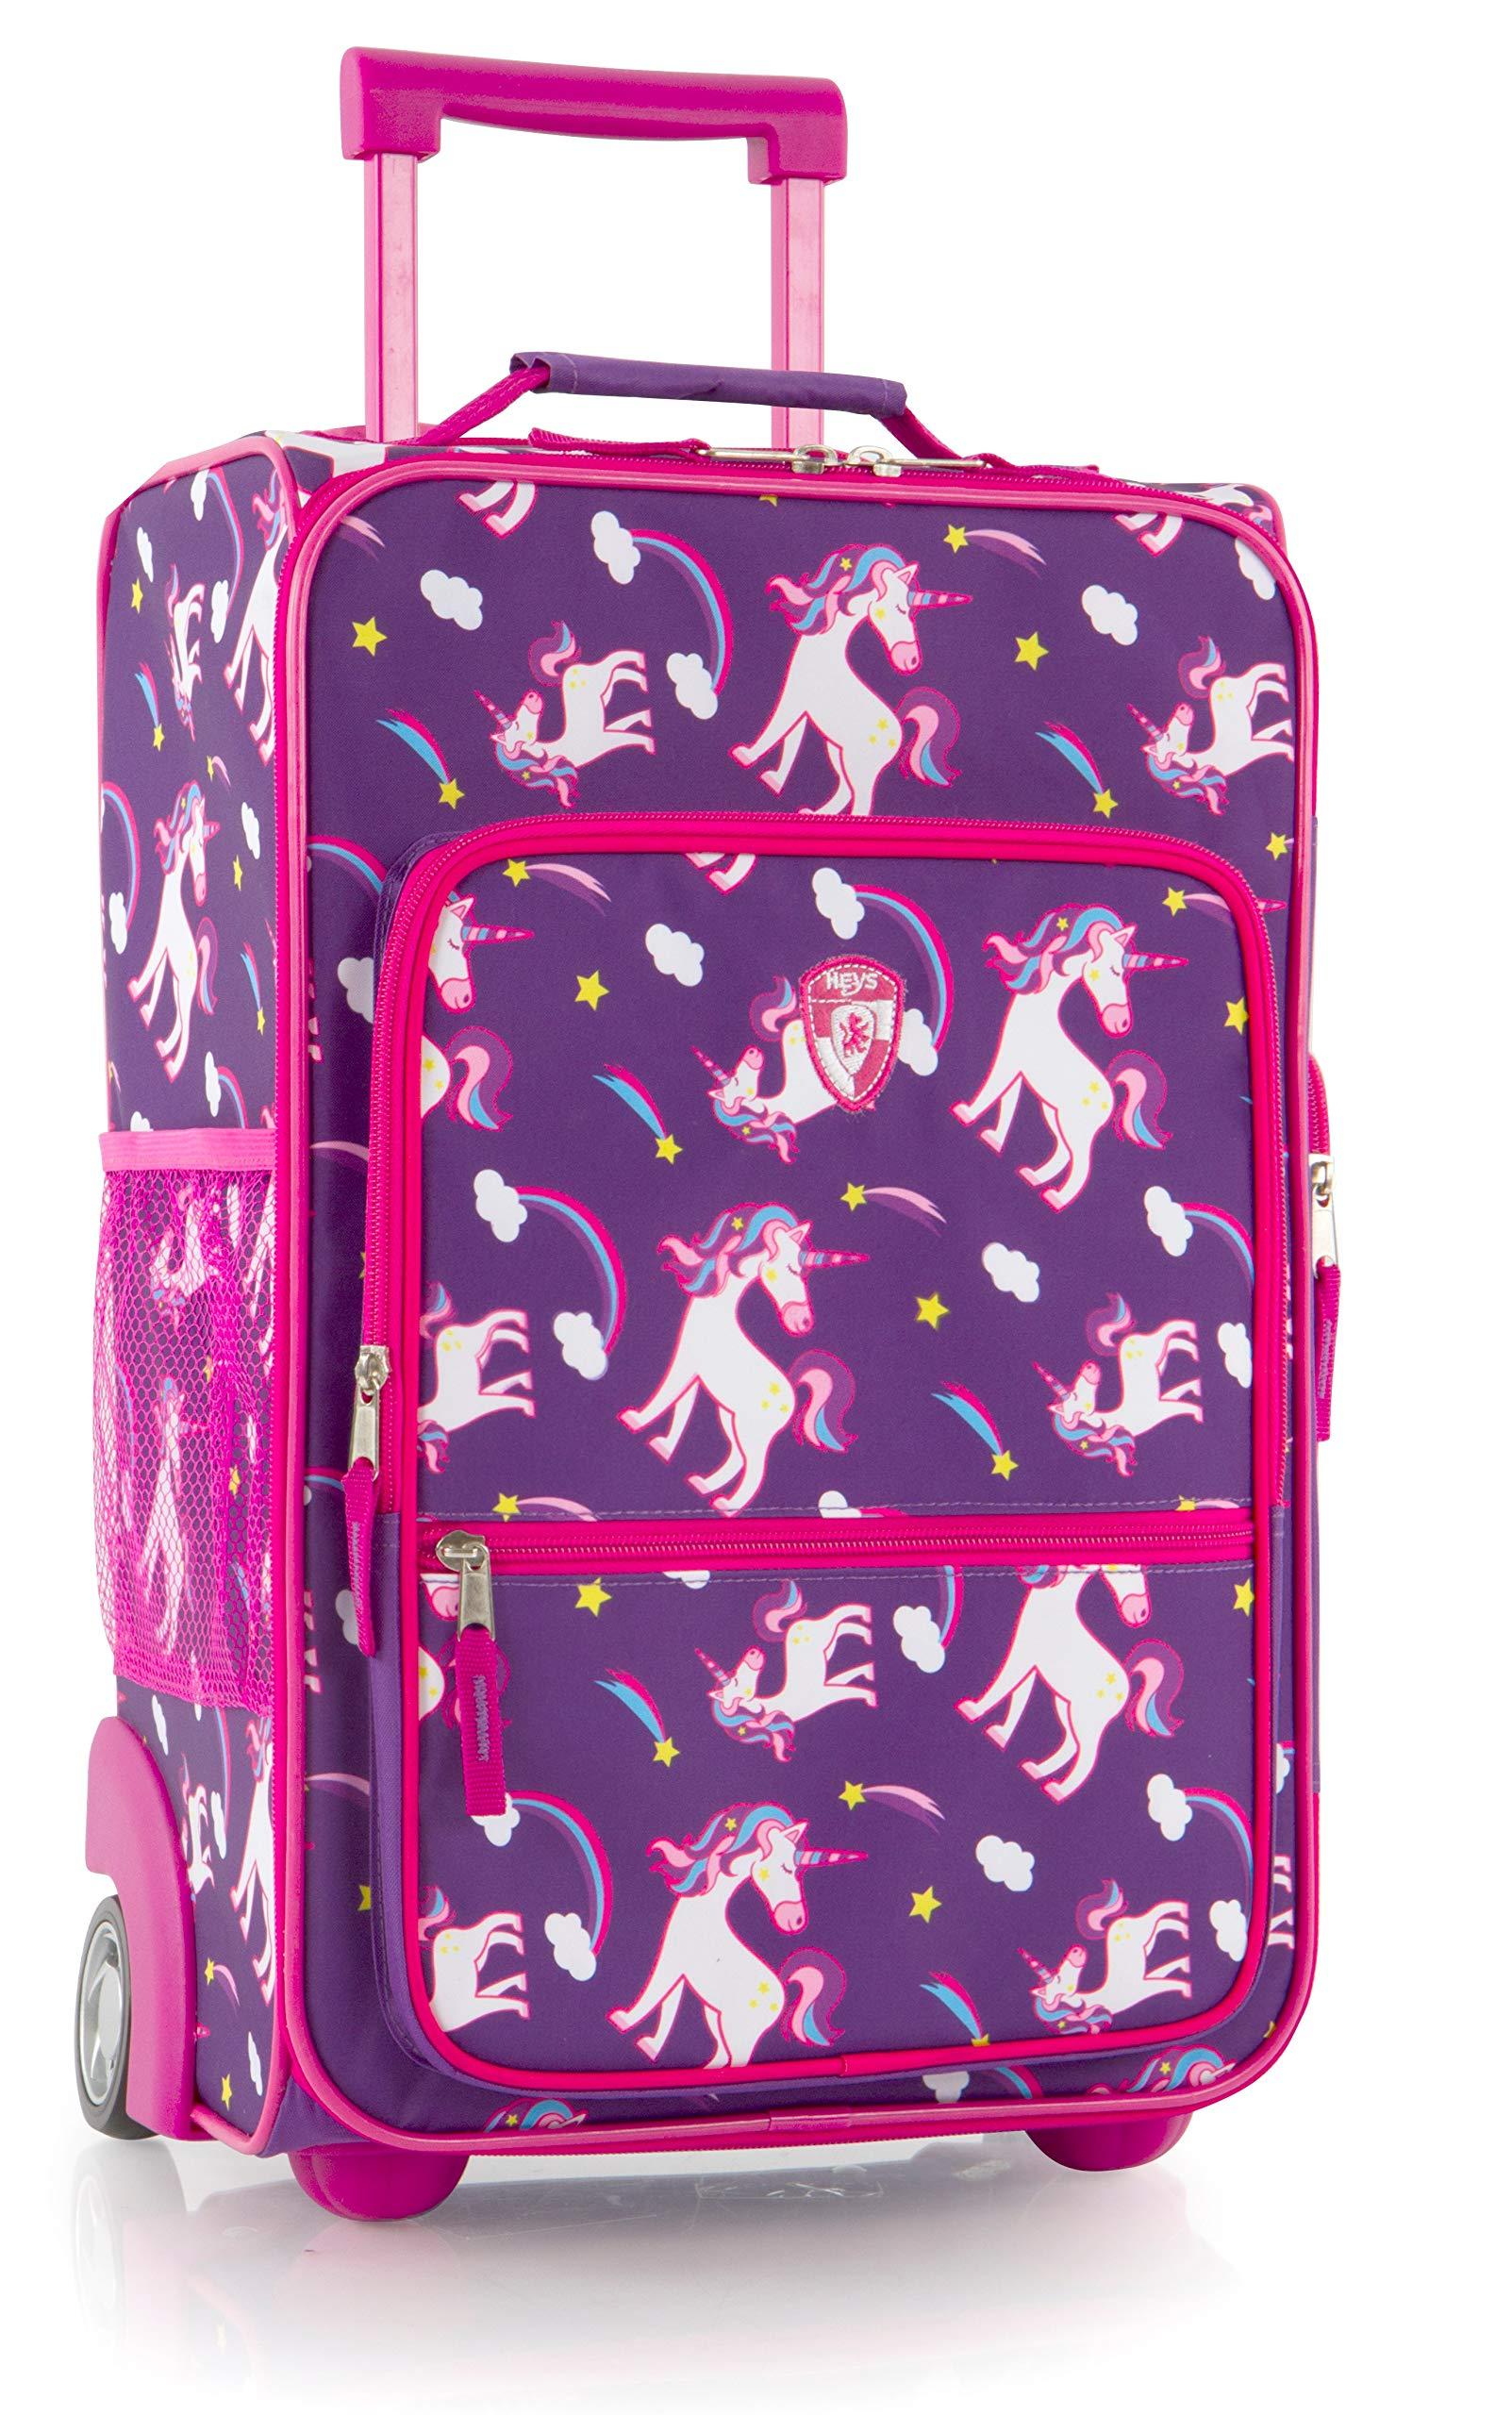 Heys America kids Softside 18'' Upright Carry-On Wheeled Luggage (Unicorn)